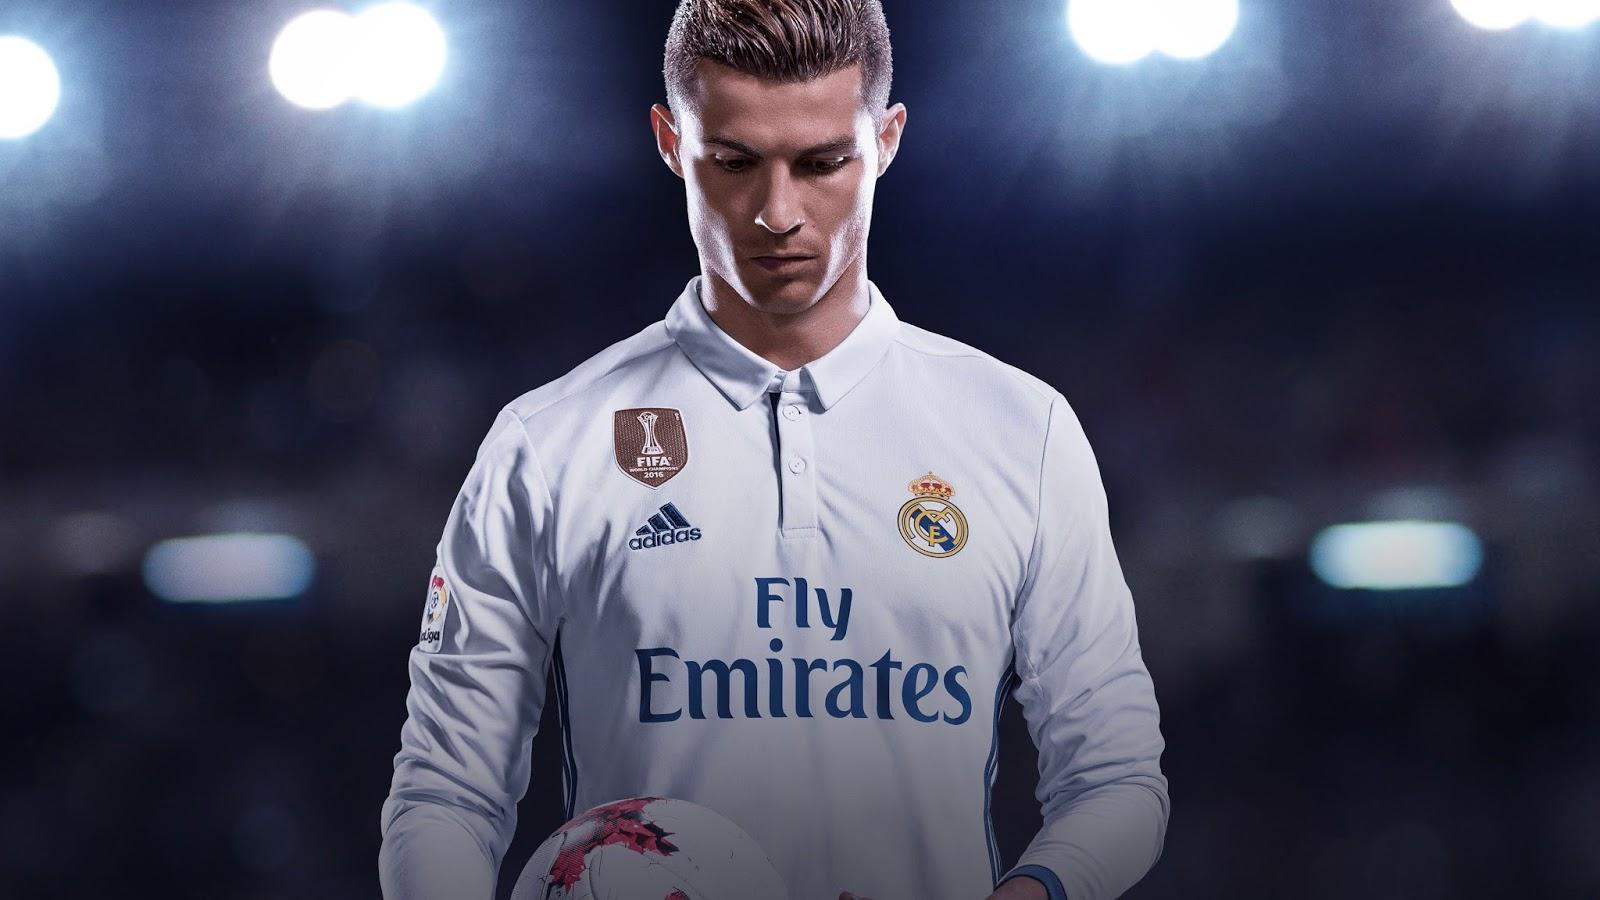 Zeus Biography Biografi Tentang Pemain Sepak Bola Cristiano